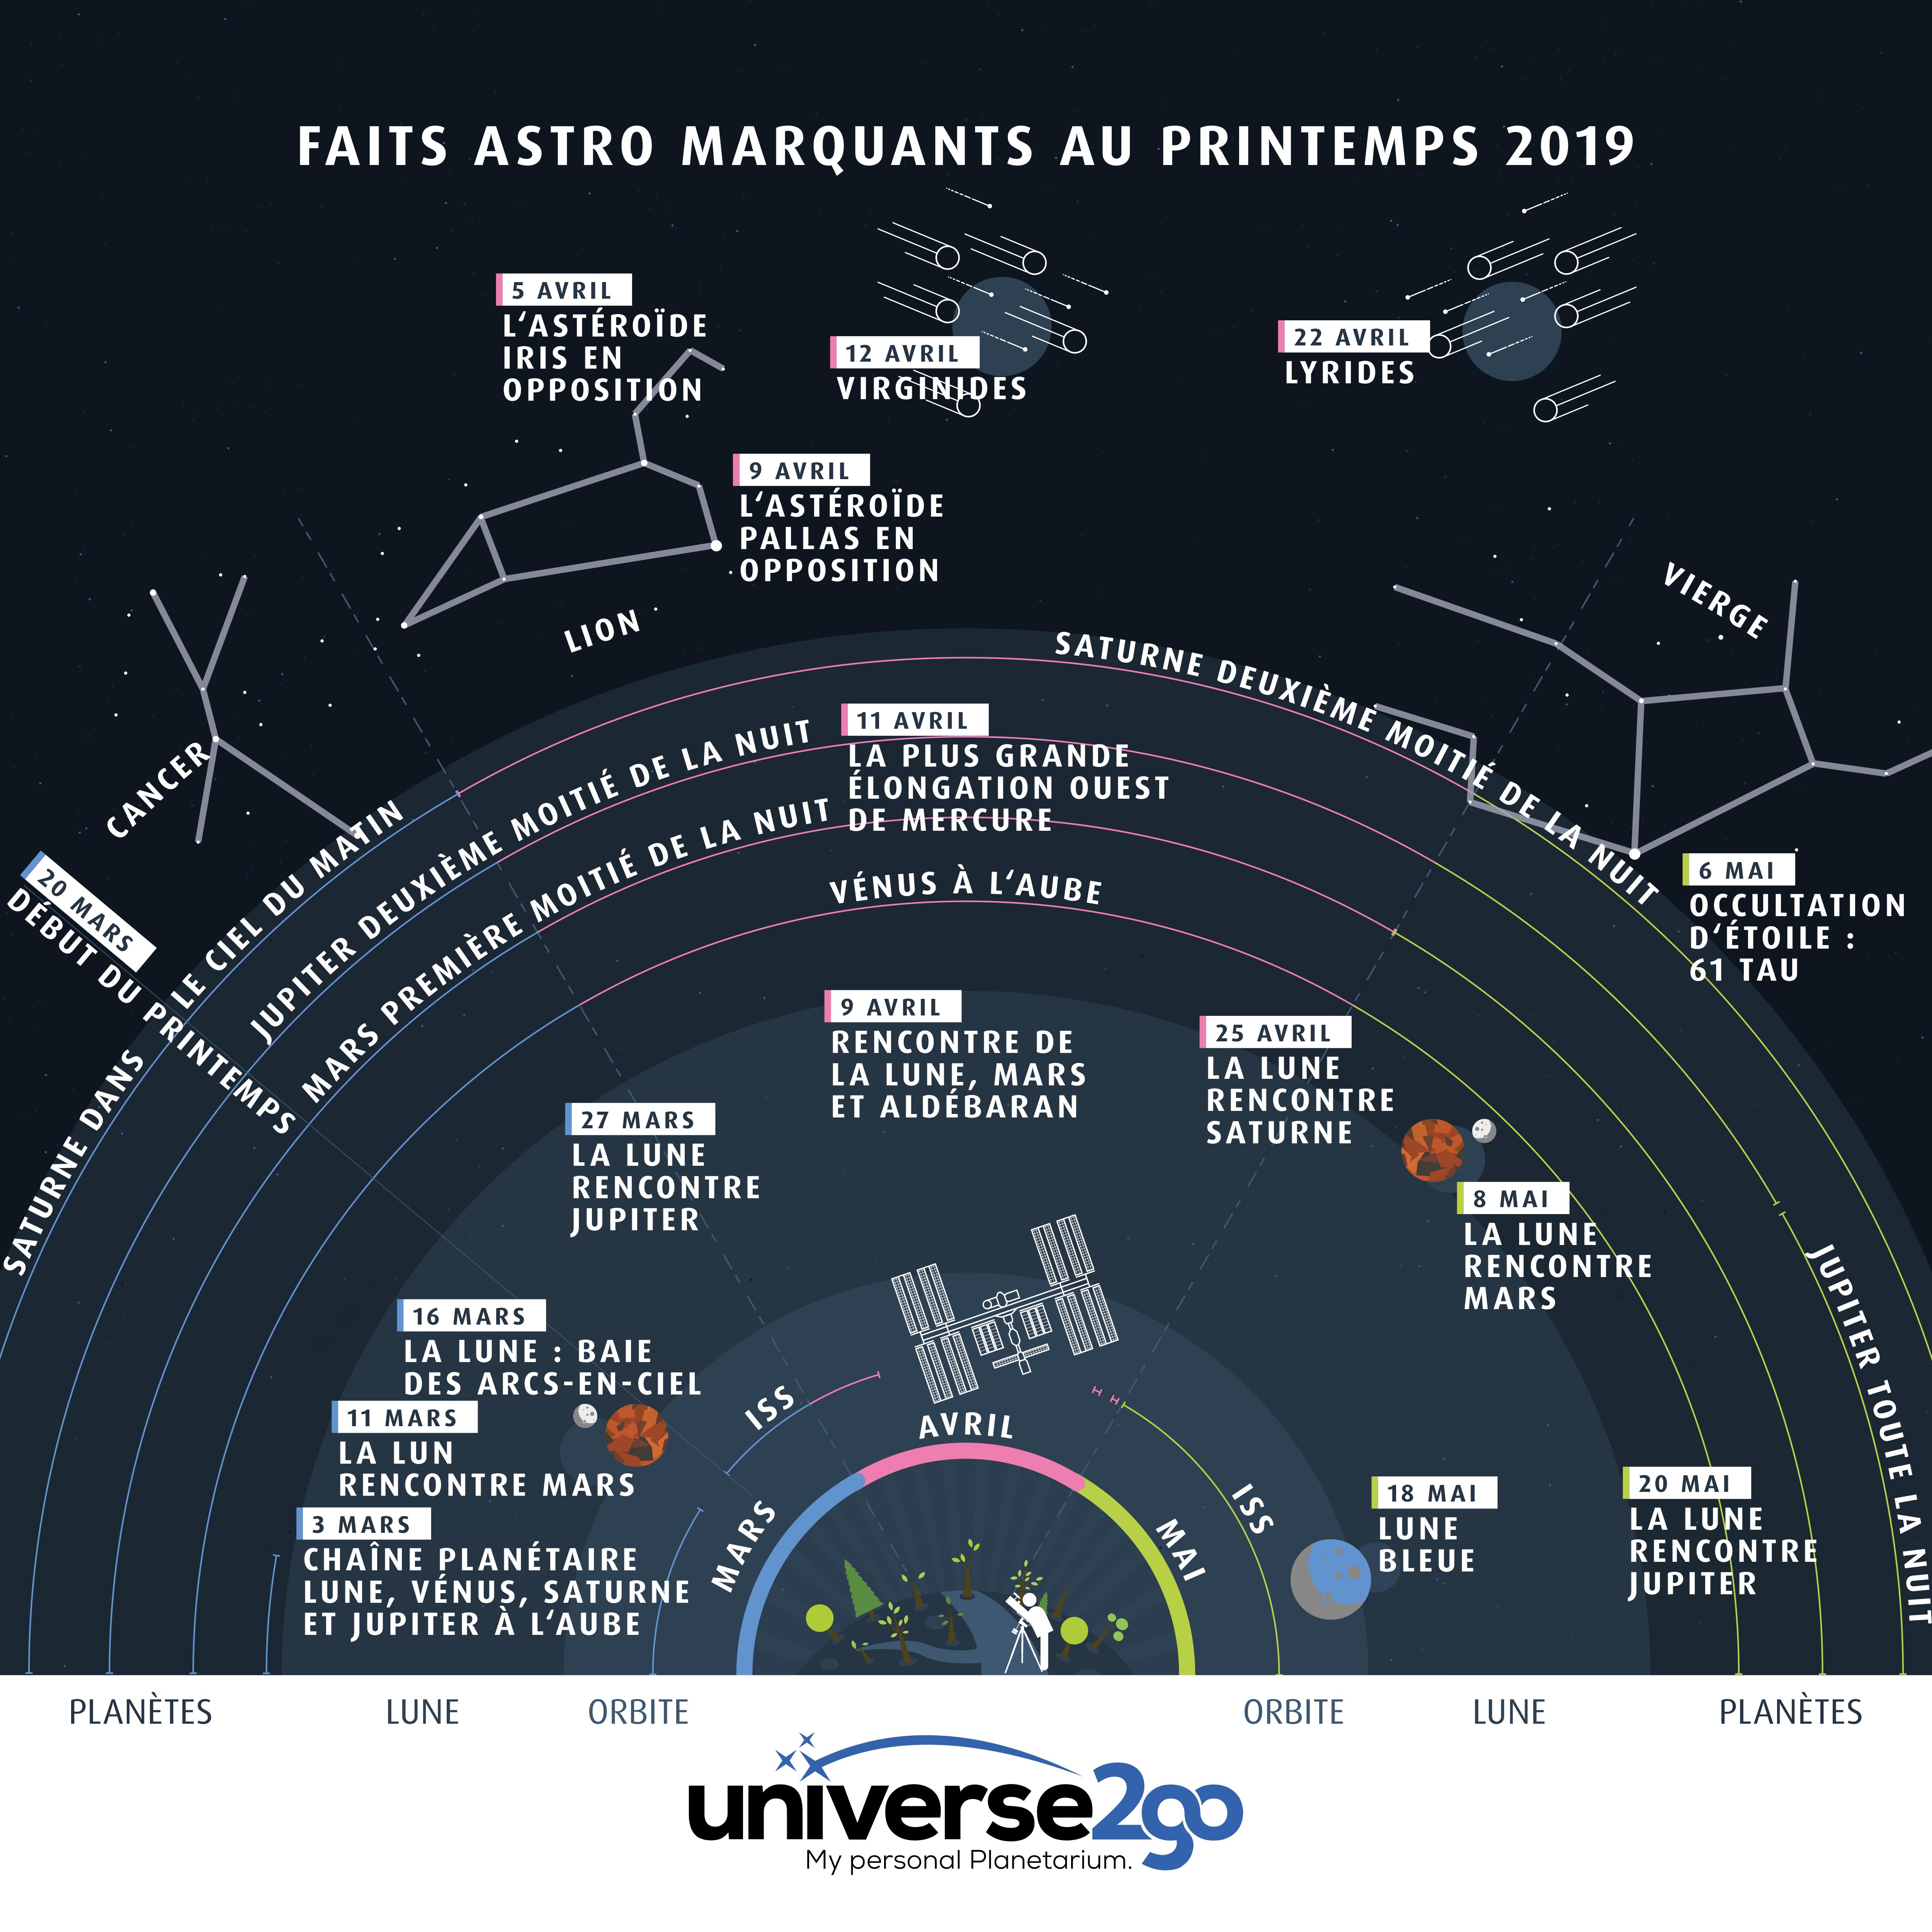 info-graphie-printemps-evenements-astronomiques-2019-tout-les-infos